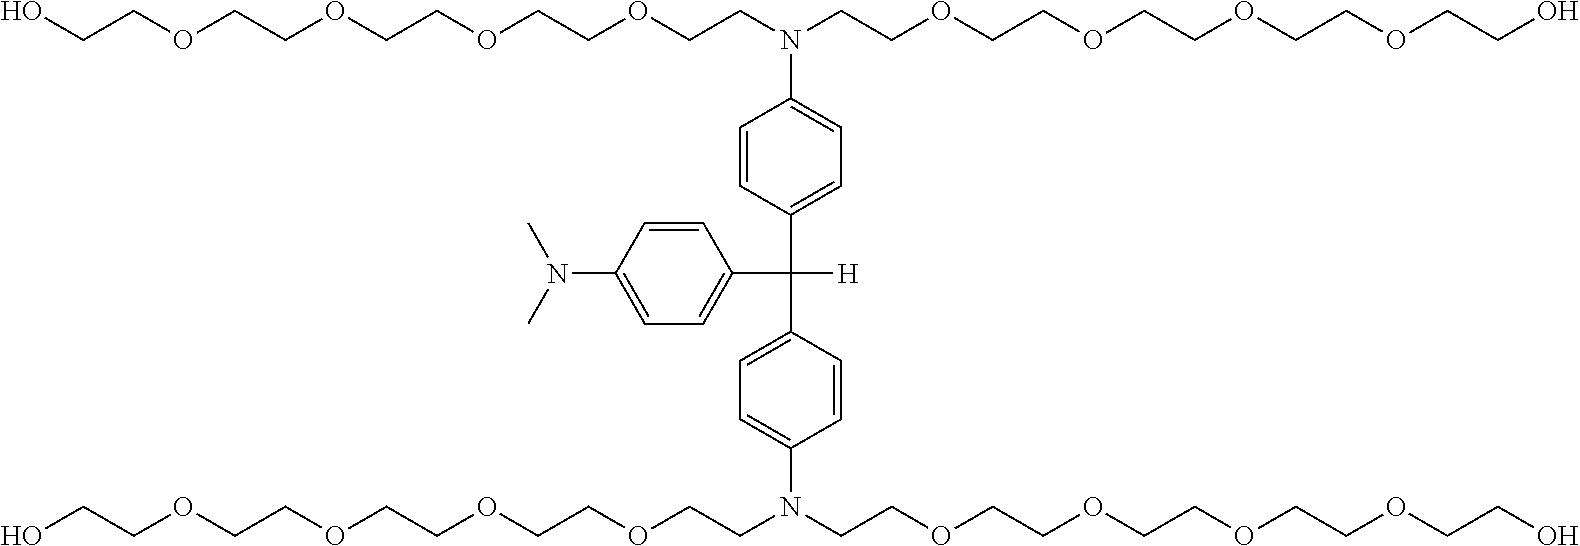 Figure US09982221-20180529-C00039